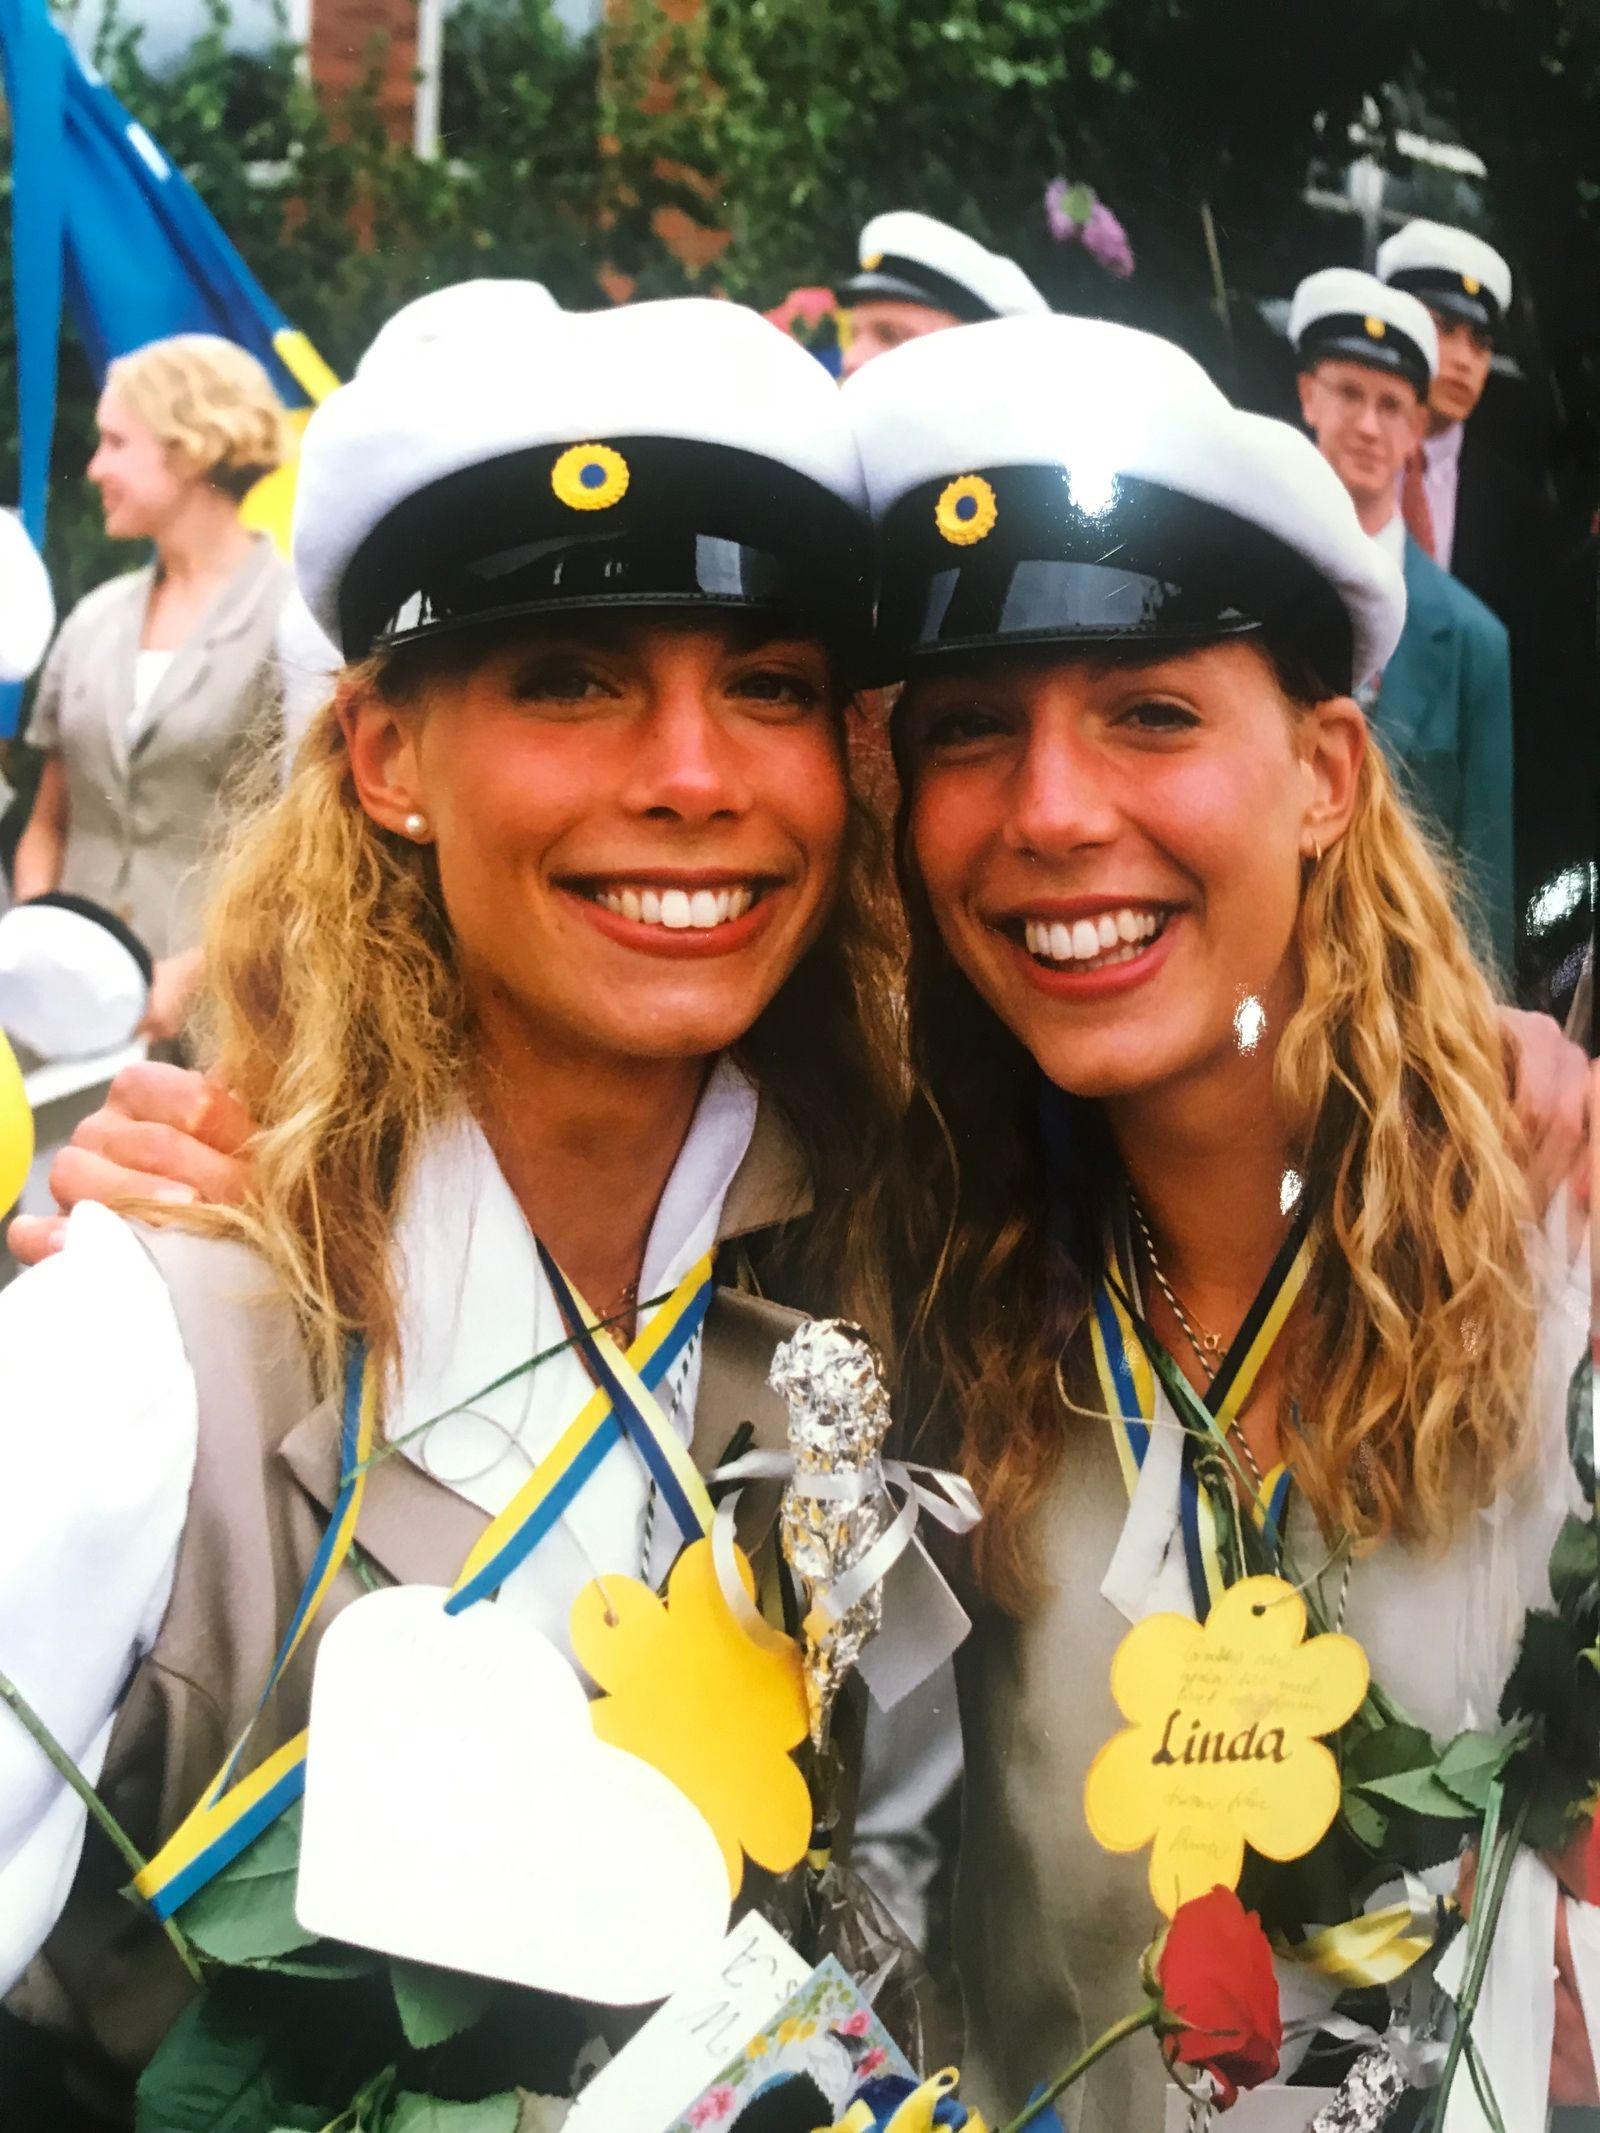 Tvillingarna Annelie och Linda Karlsson lämnade åren med N3A bakom sig på Lars Kagg 1994 och hamnade på Barometerns förstasida.